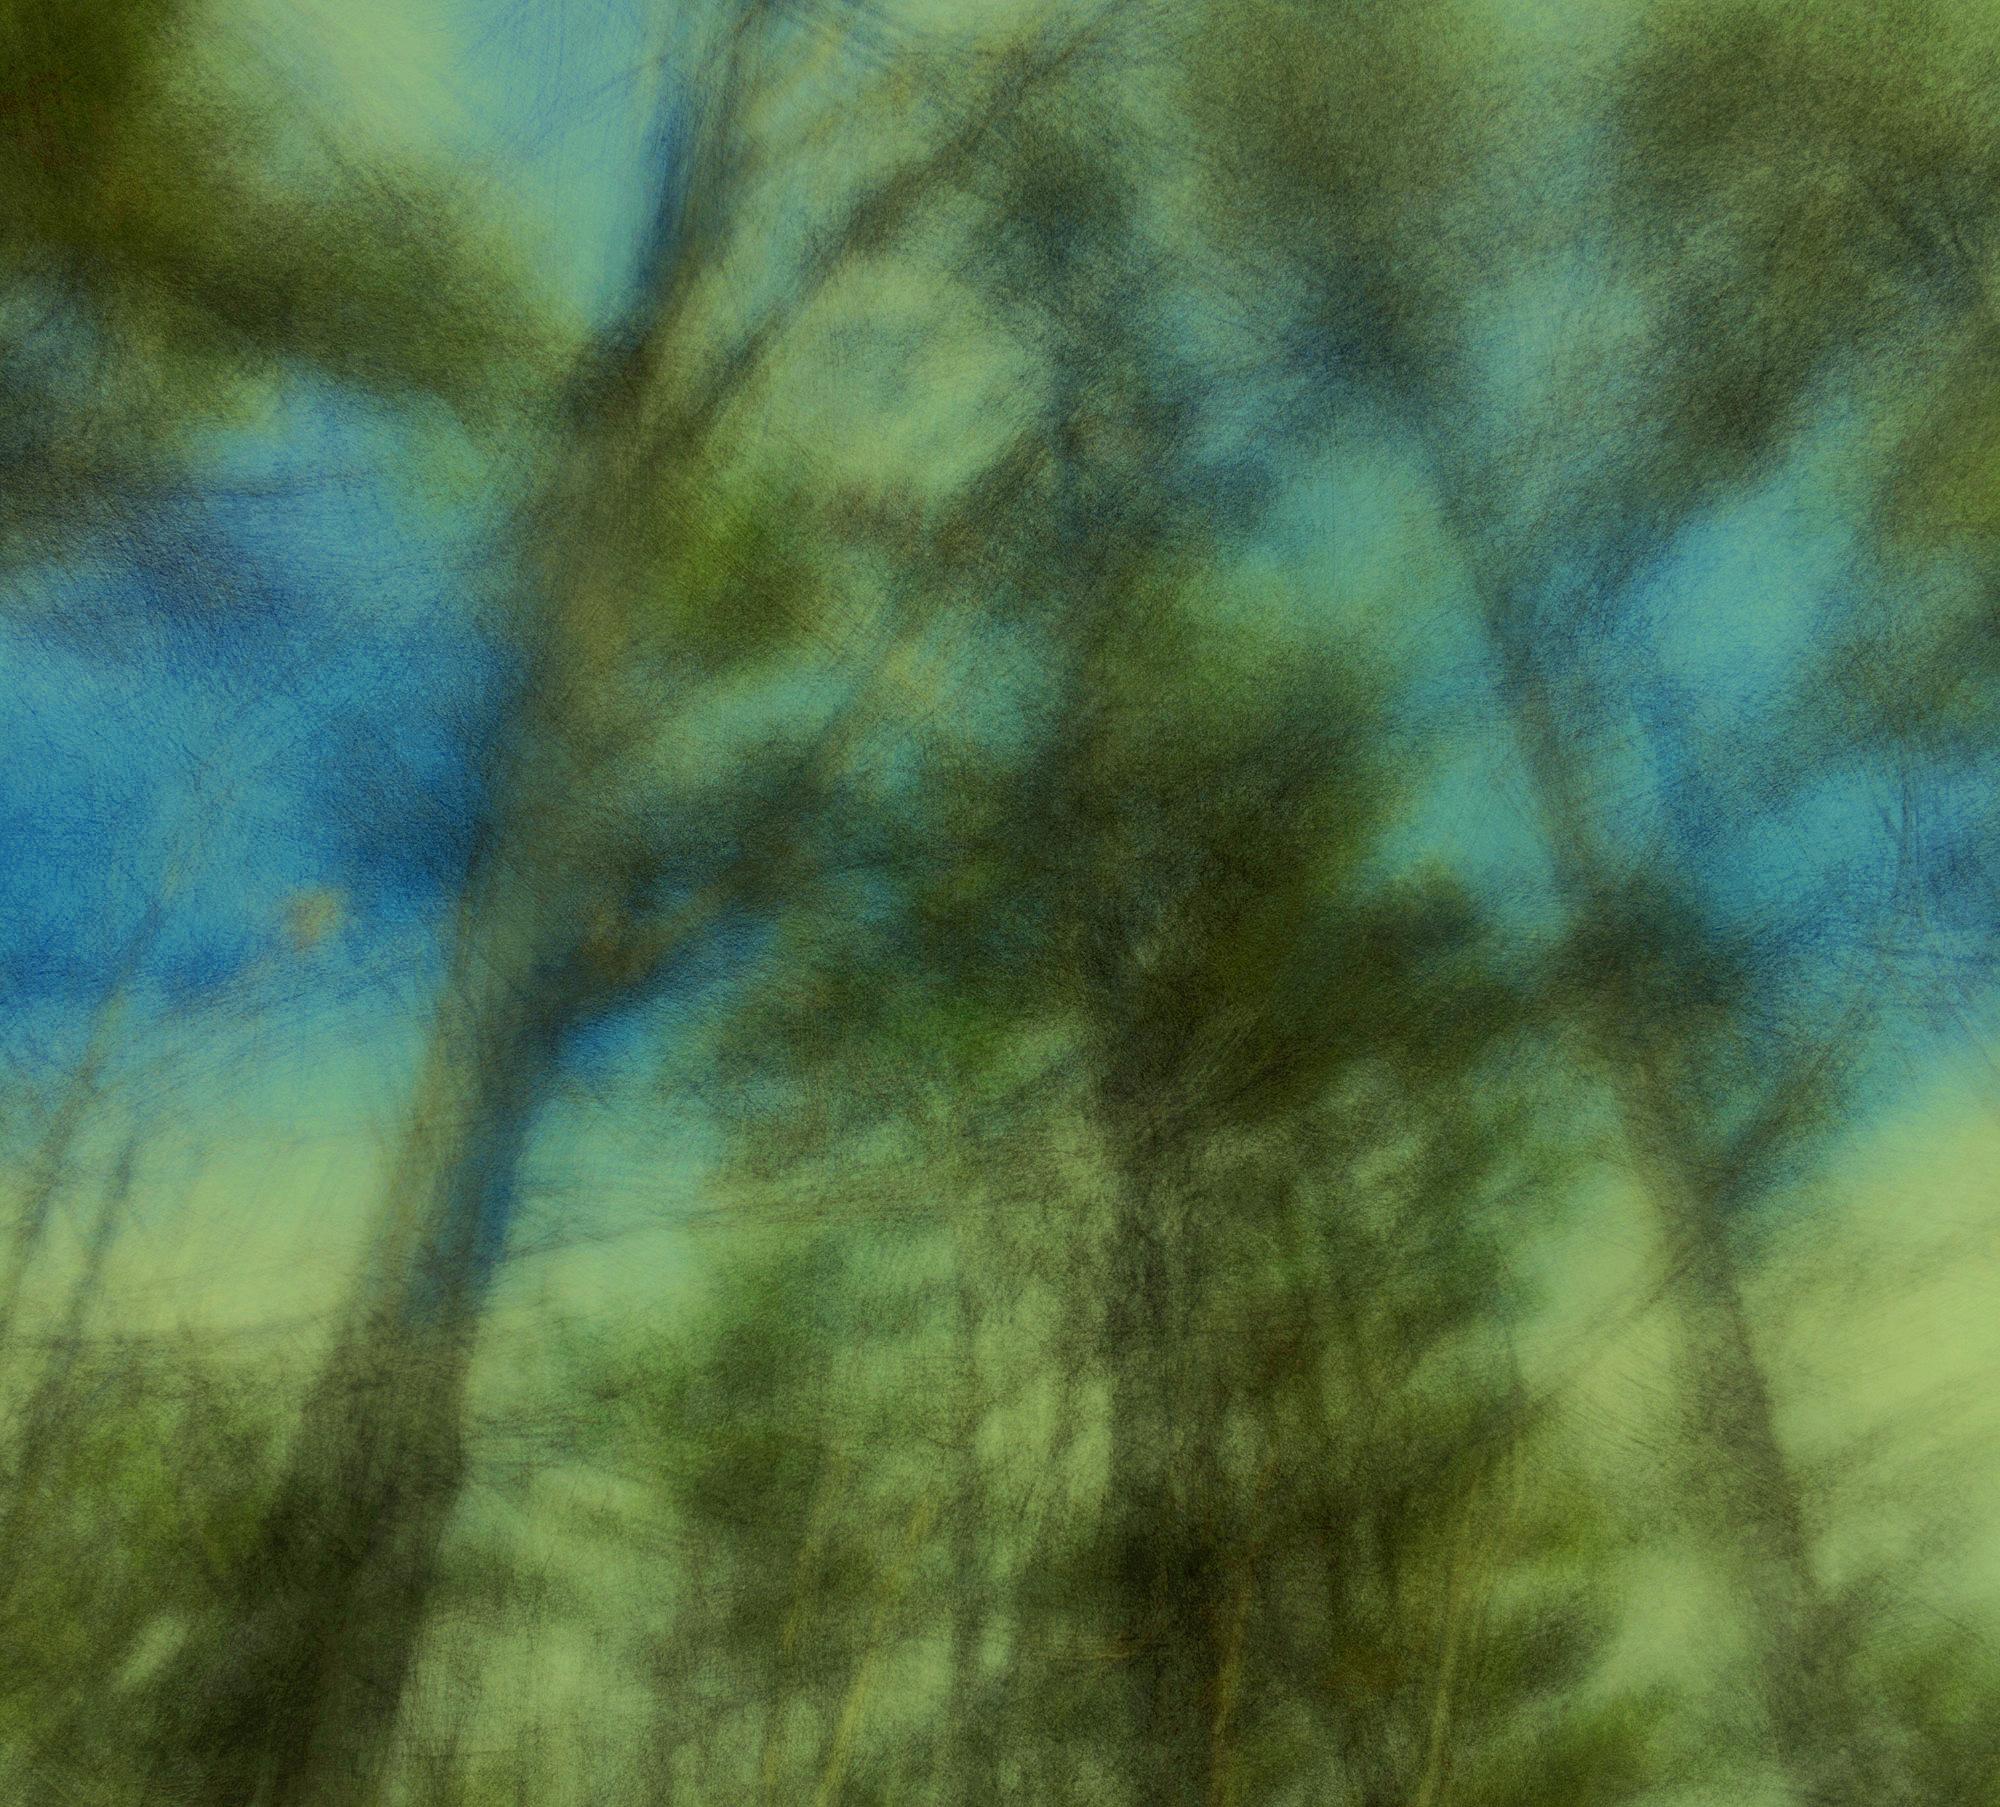 blurphoto.jpg